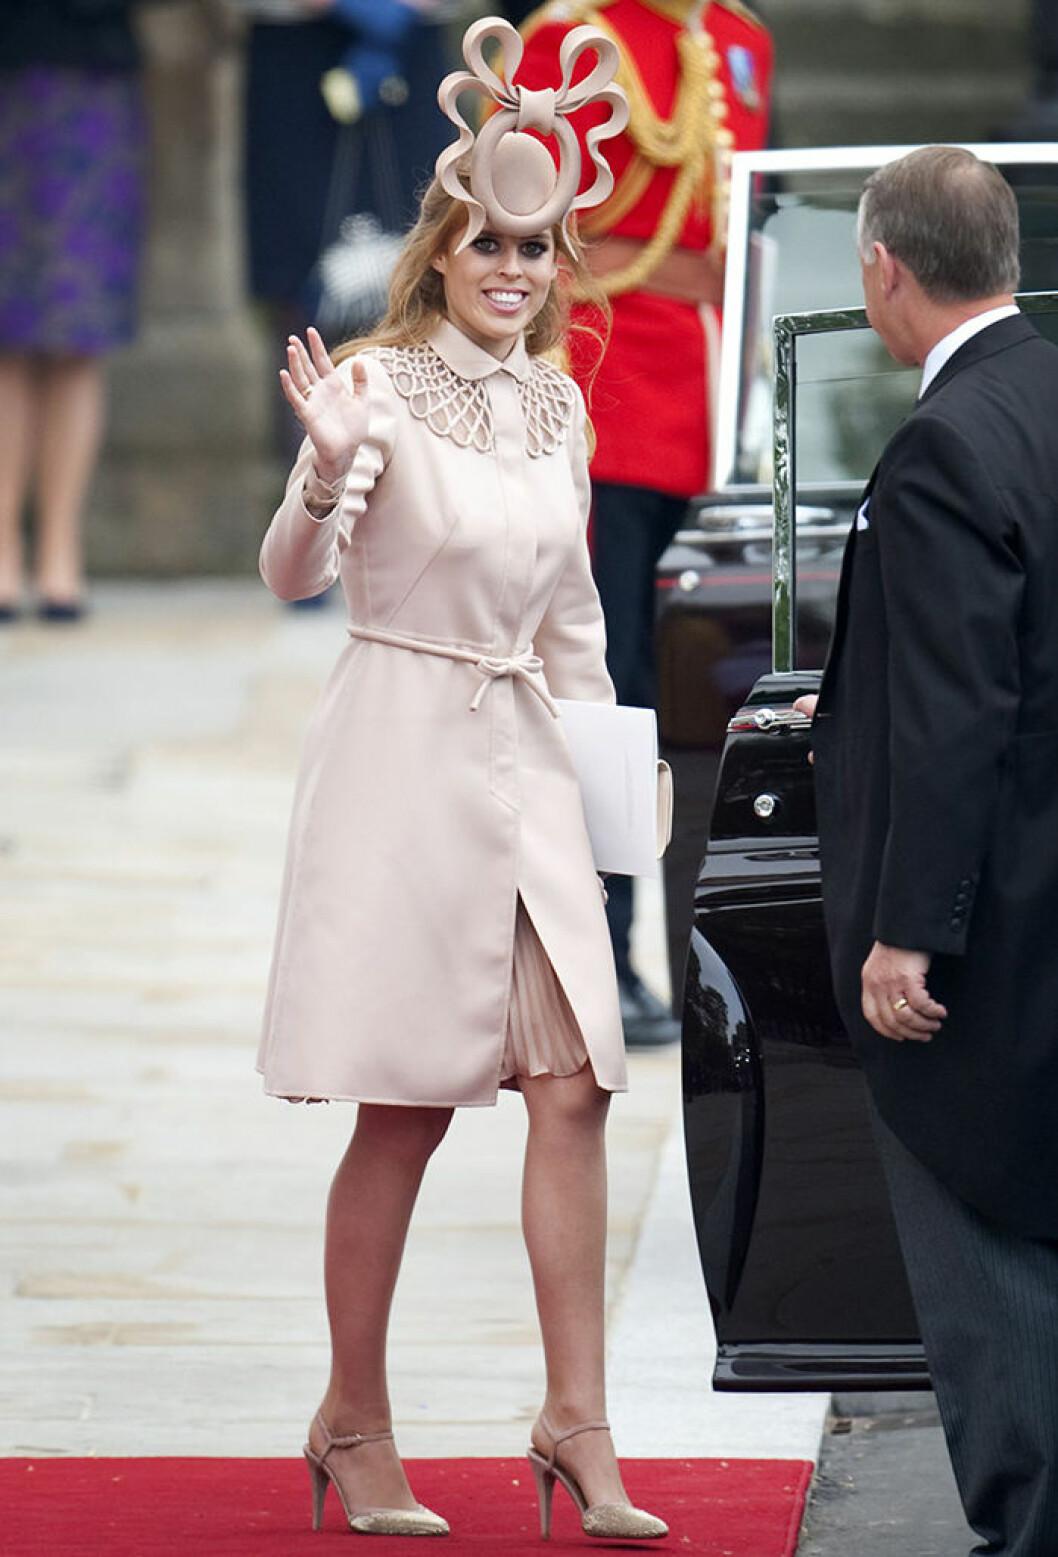 Prinsessan Beatrices hatt väckte uppmärksamhet vid Williams och Kates bröllop 2011